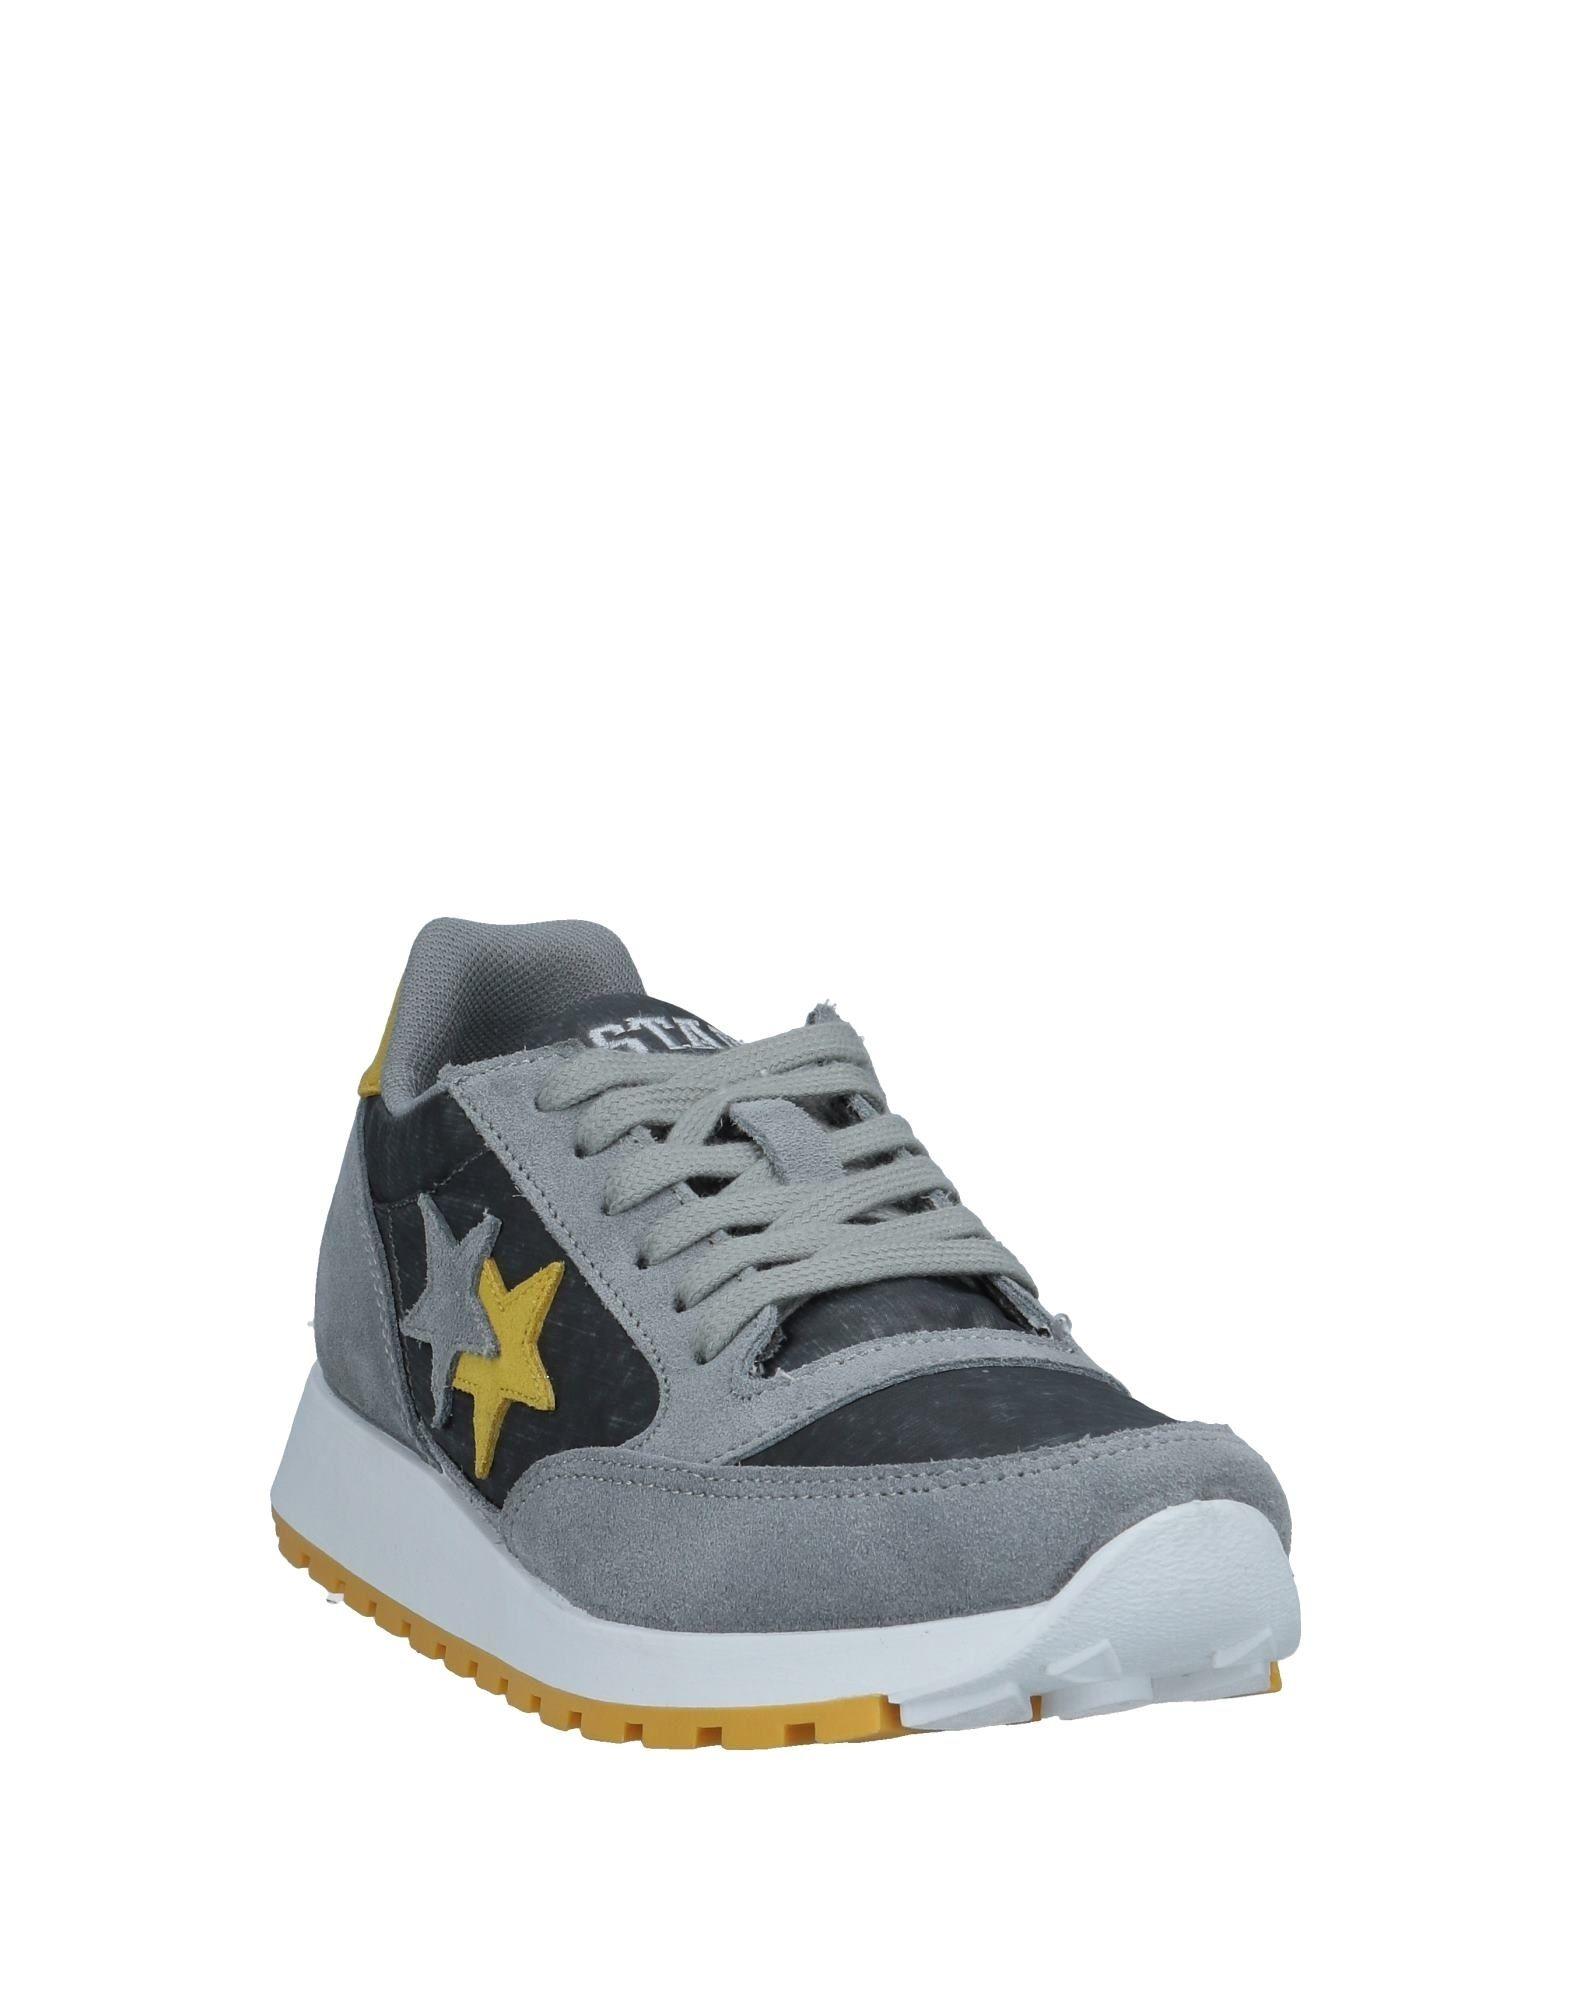 2Star Sneakers Damen Damen Sneakers  11548315OI Gute Qualität beliebte Schuhe 86255f